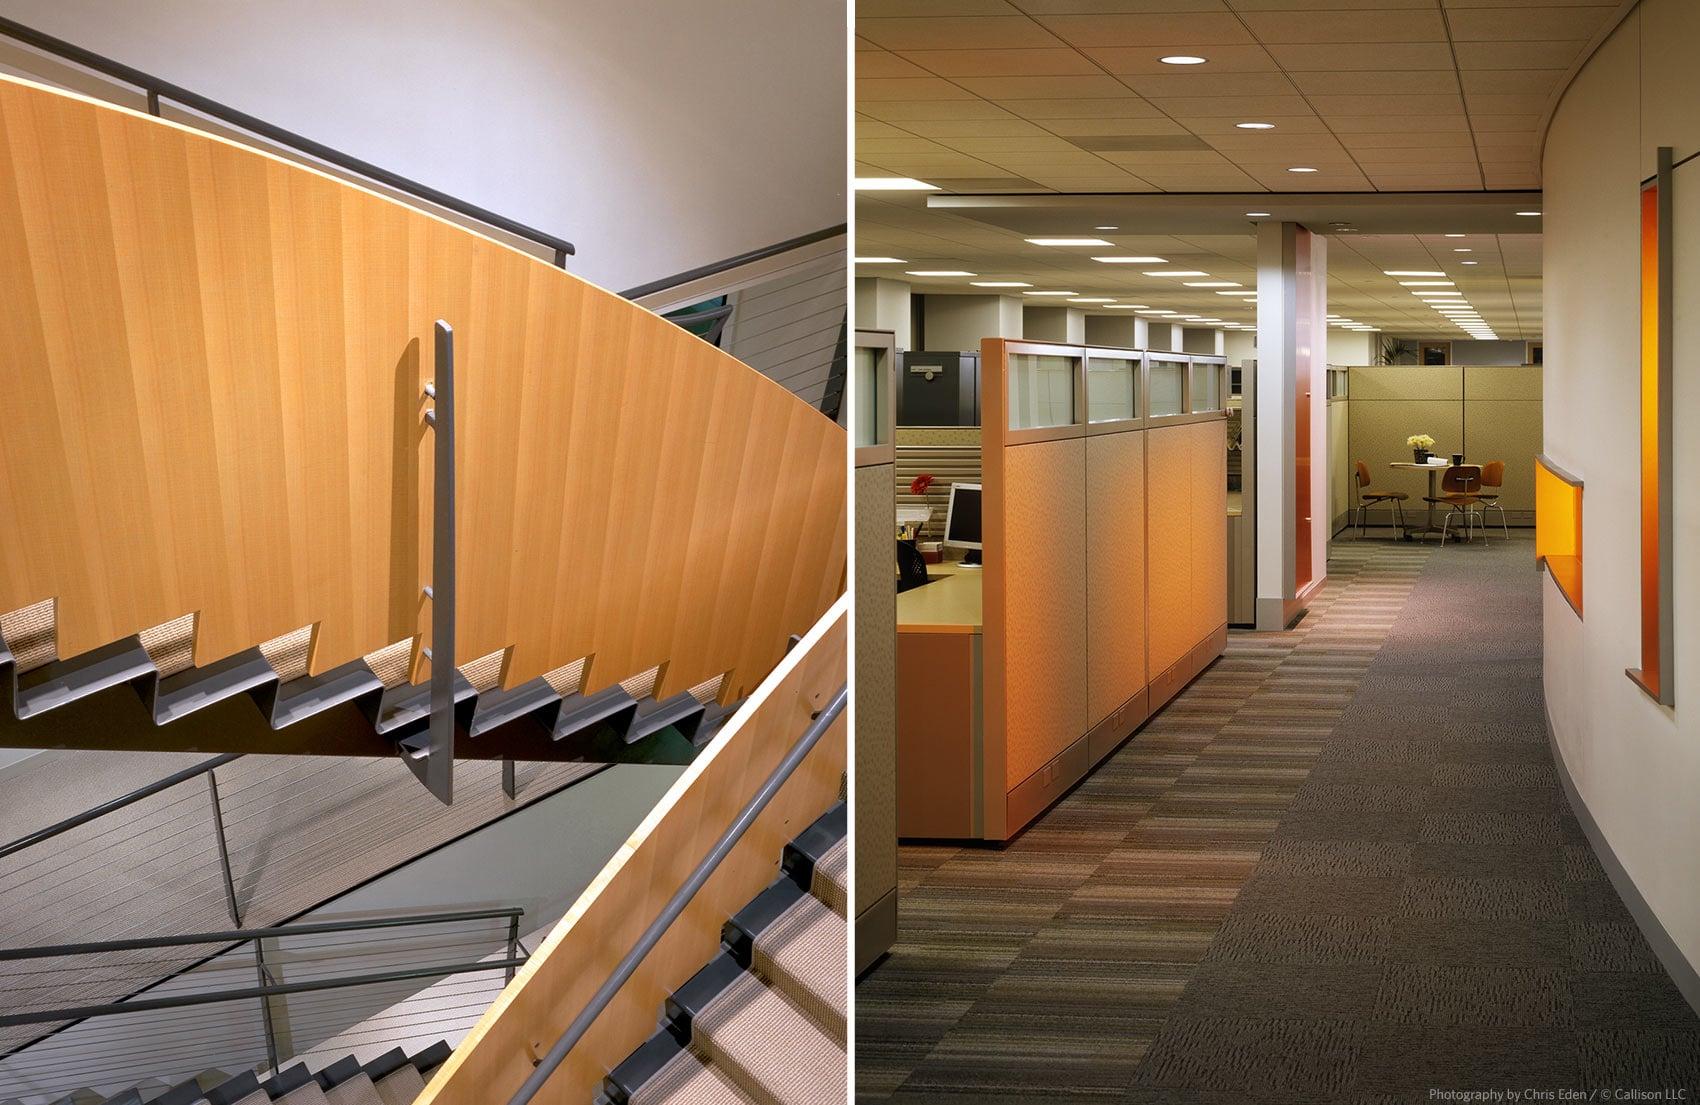 Latham & Watkins - Interior details